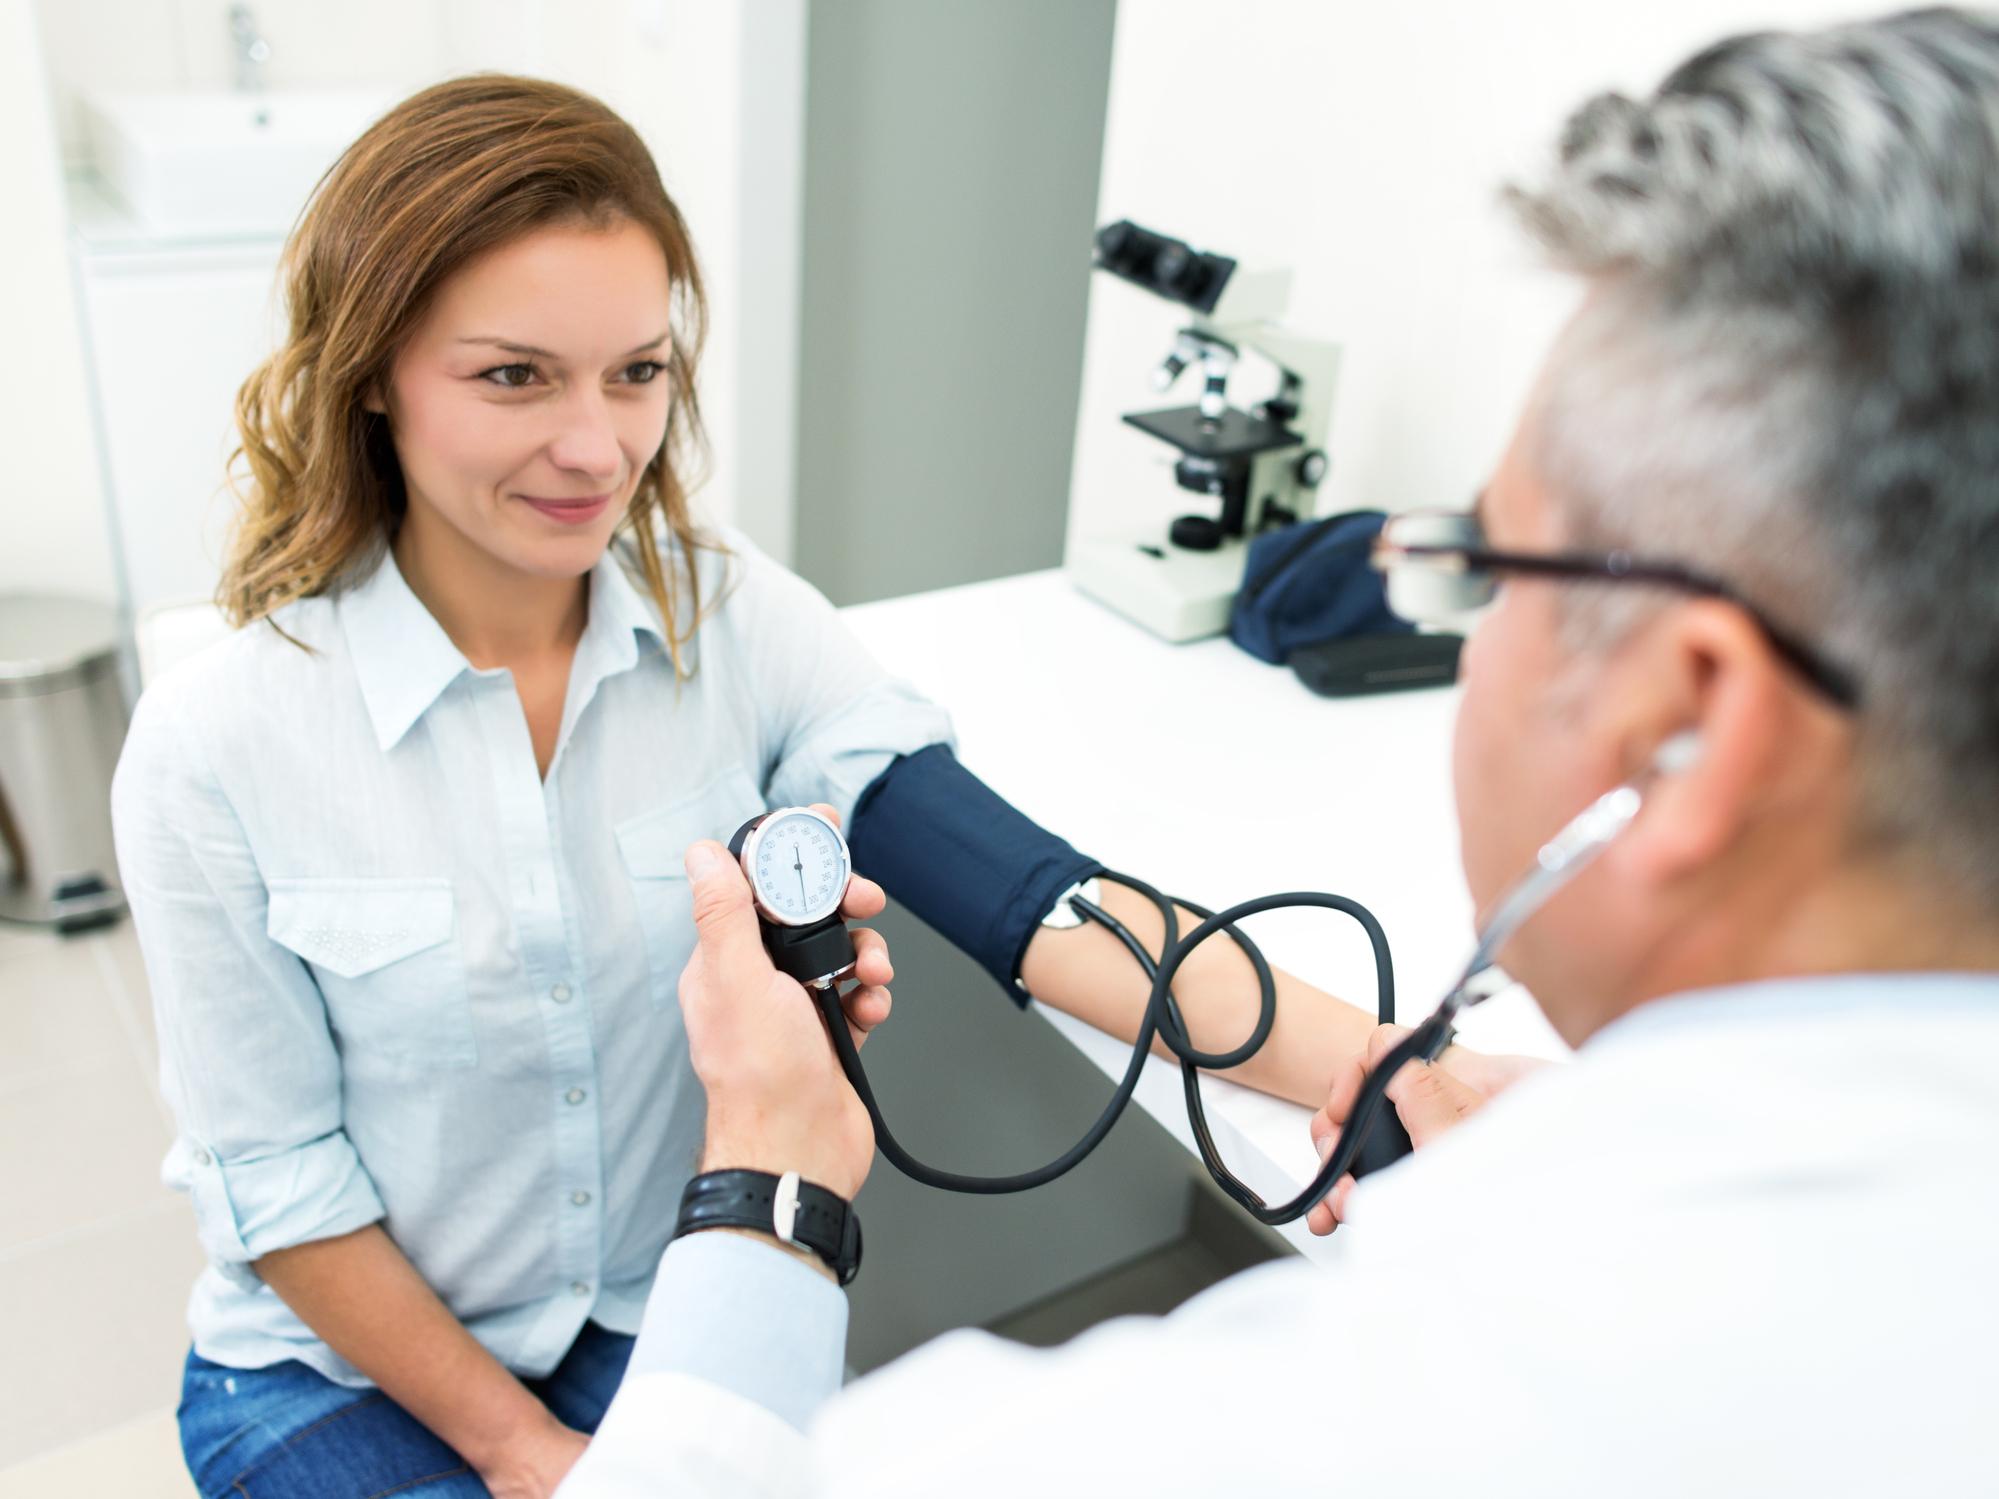 hogyan kell szohorát szedni magas vérnyomás esetén népi módszerek a magas vérnyomás ellen